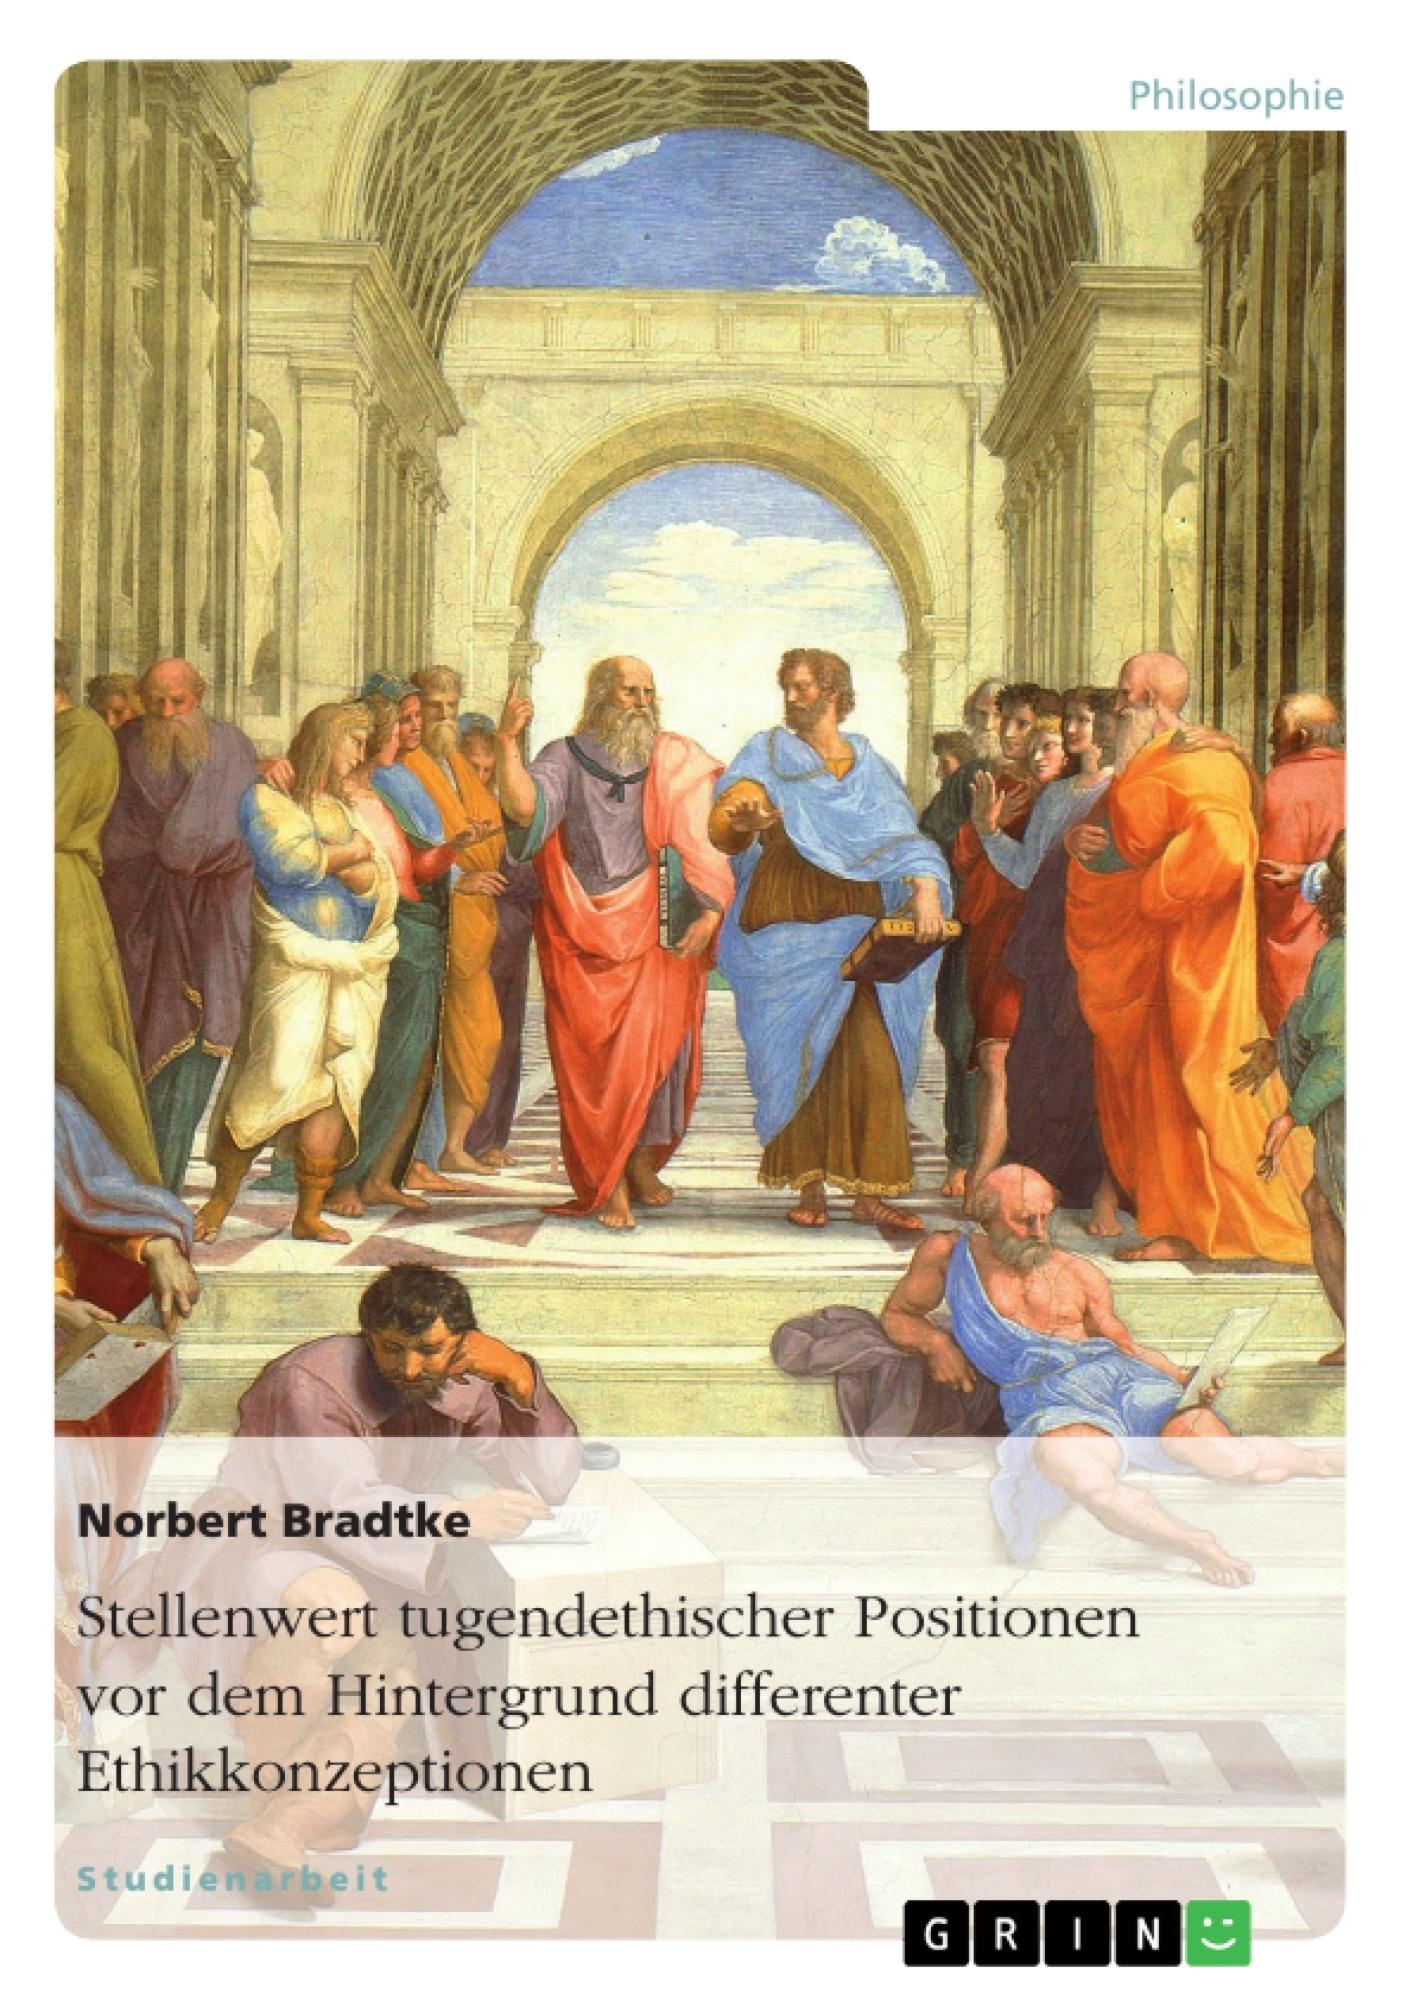 Titel: Stellenwert tugendethischer Positionen vor dem Hintergrund differenter Ethikkonzeptionen